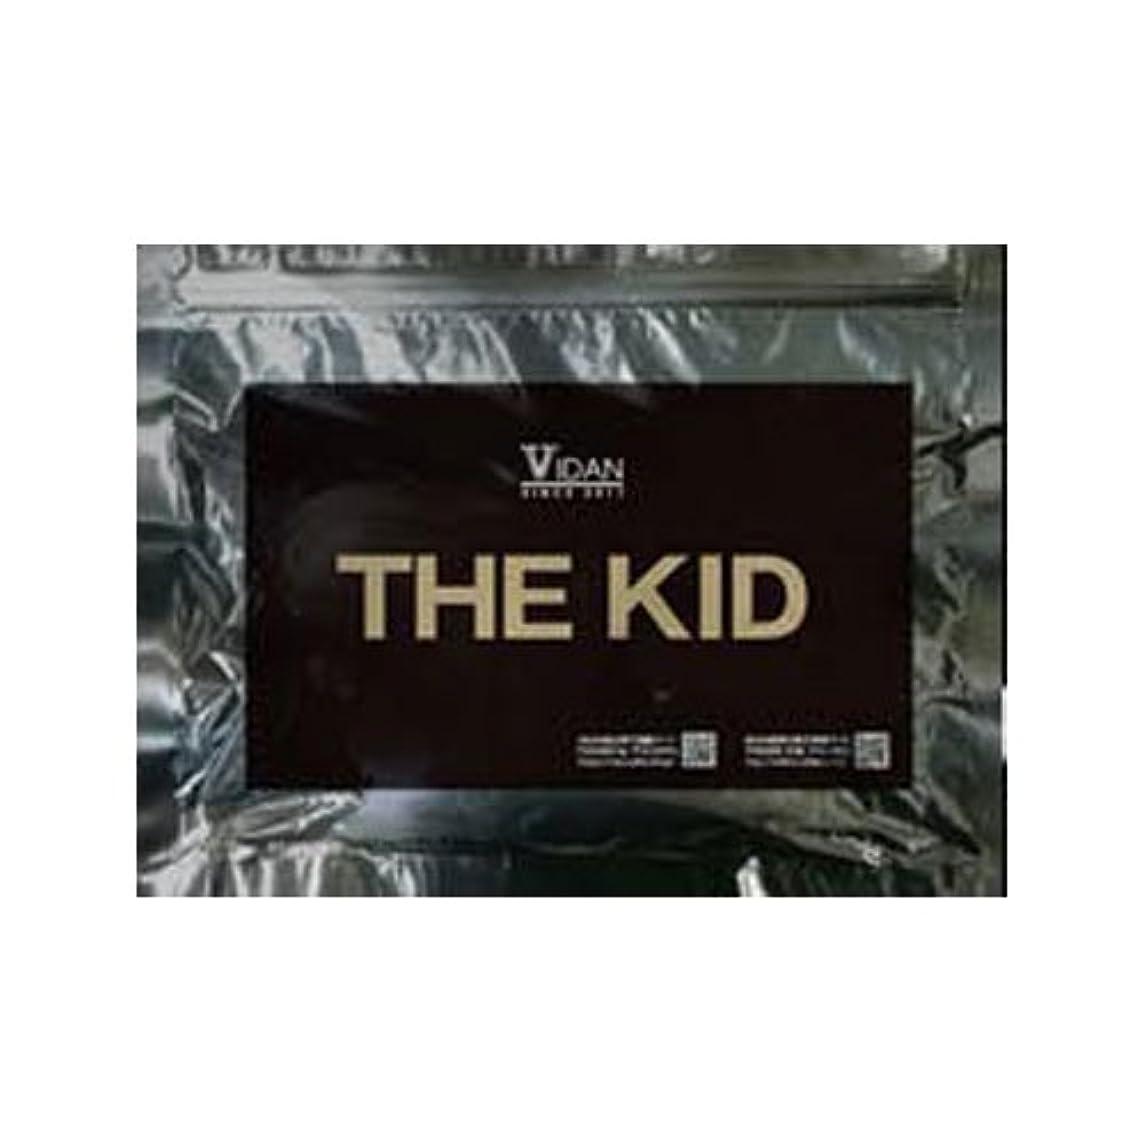 お香立方体スリラー:ビダンザキッド VIDAN THE KID 20枚入り